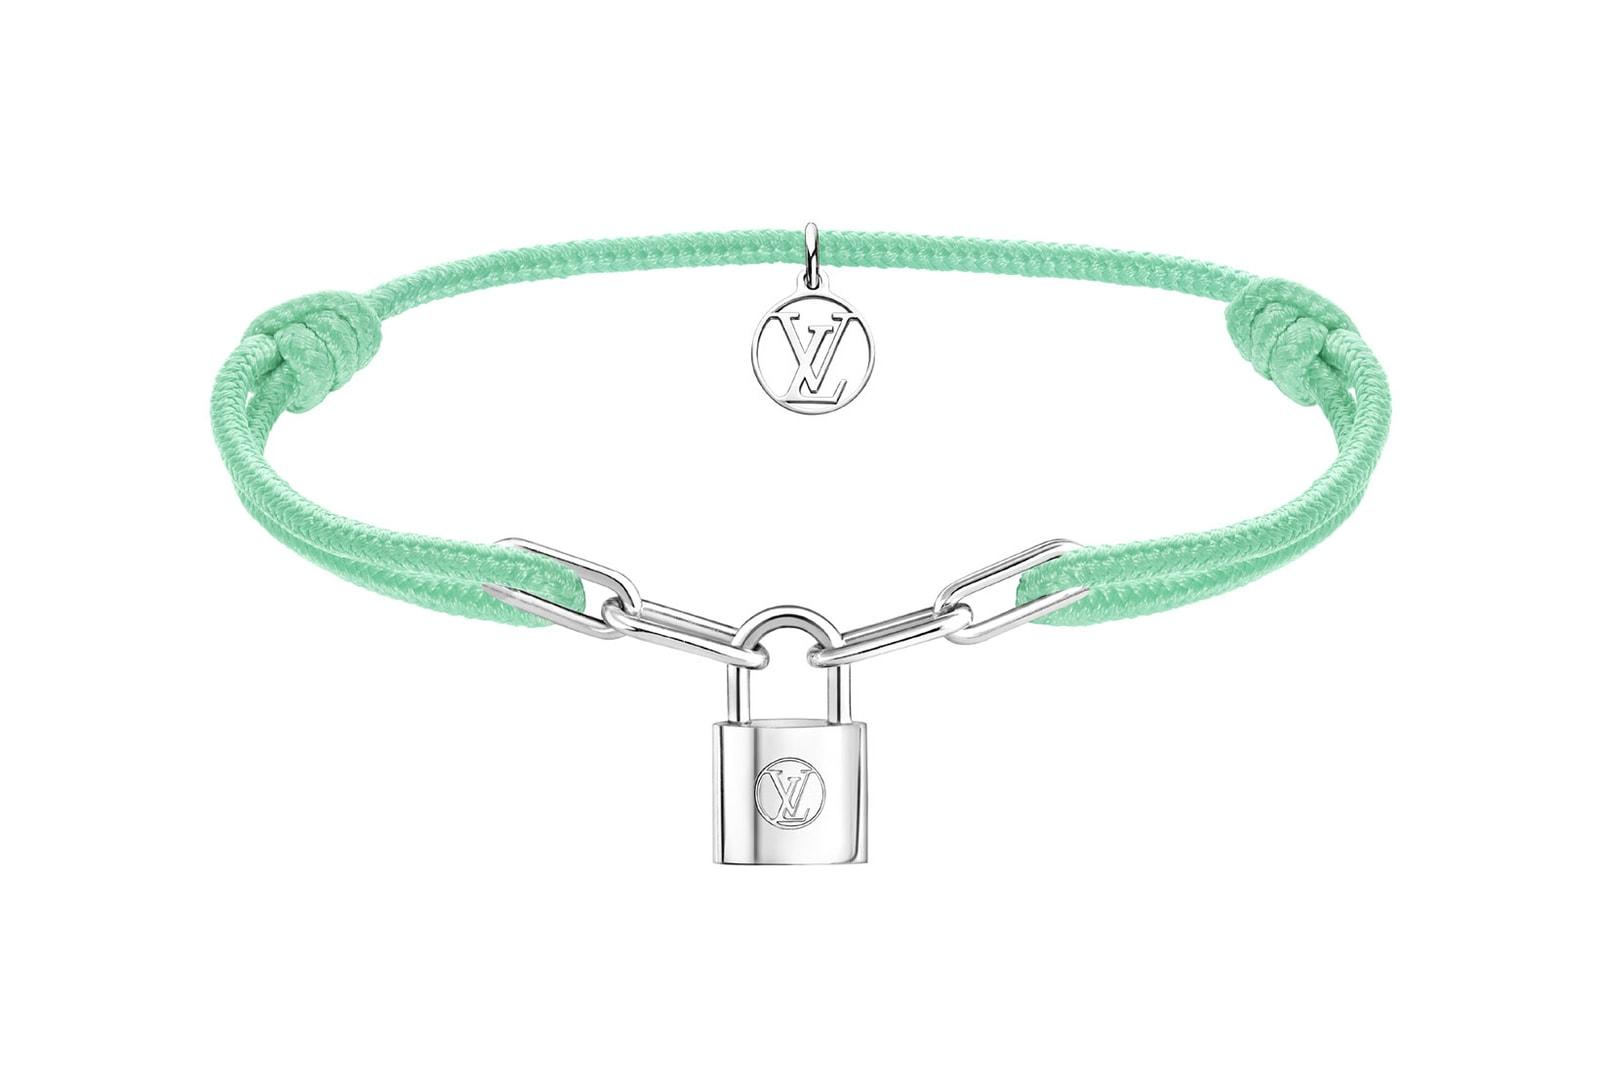 louis vuitton unicef silver lockit virgil abloh bracelets makeapromise campaign charity